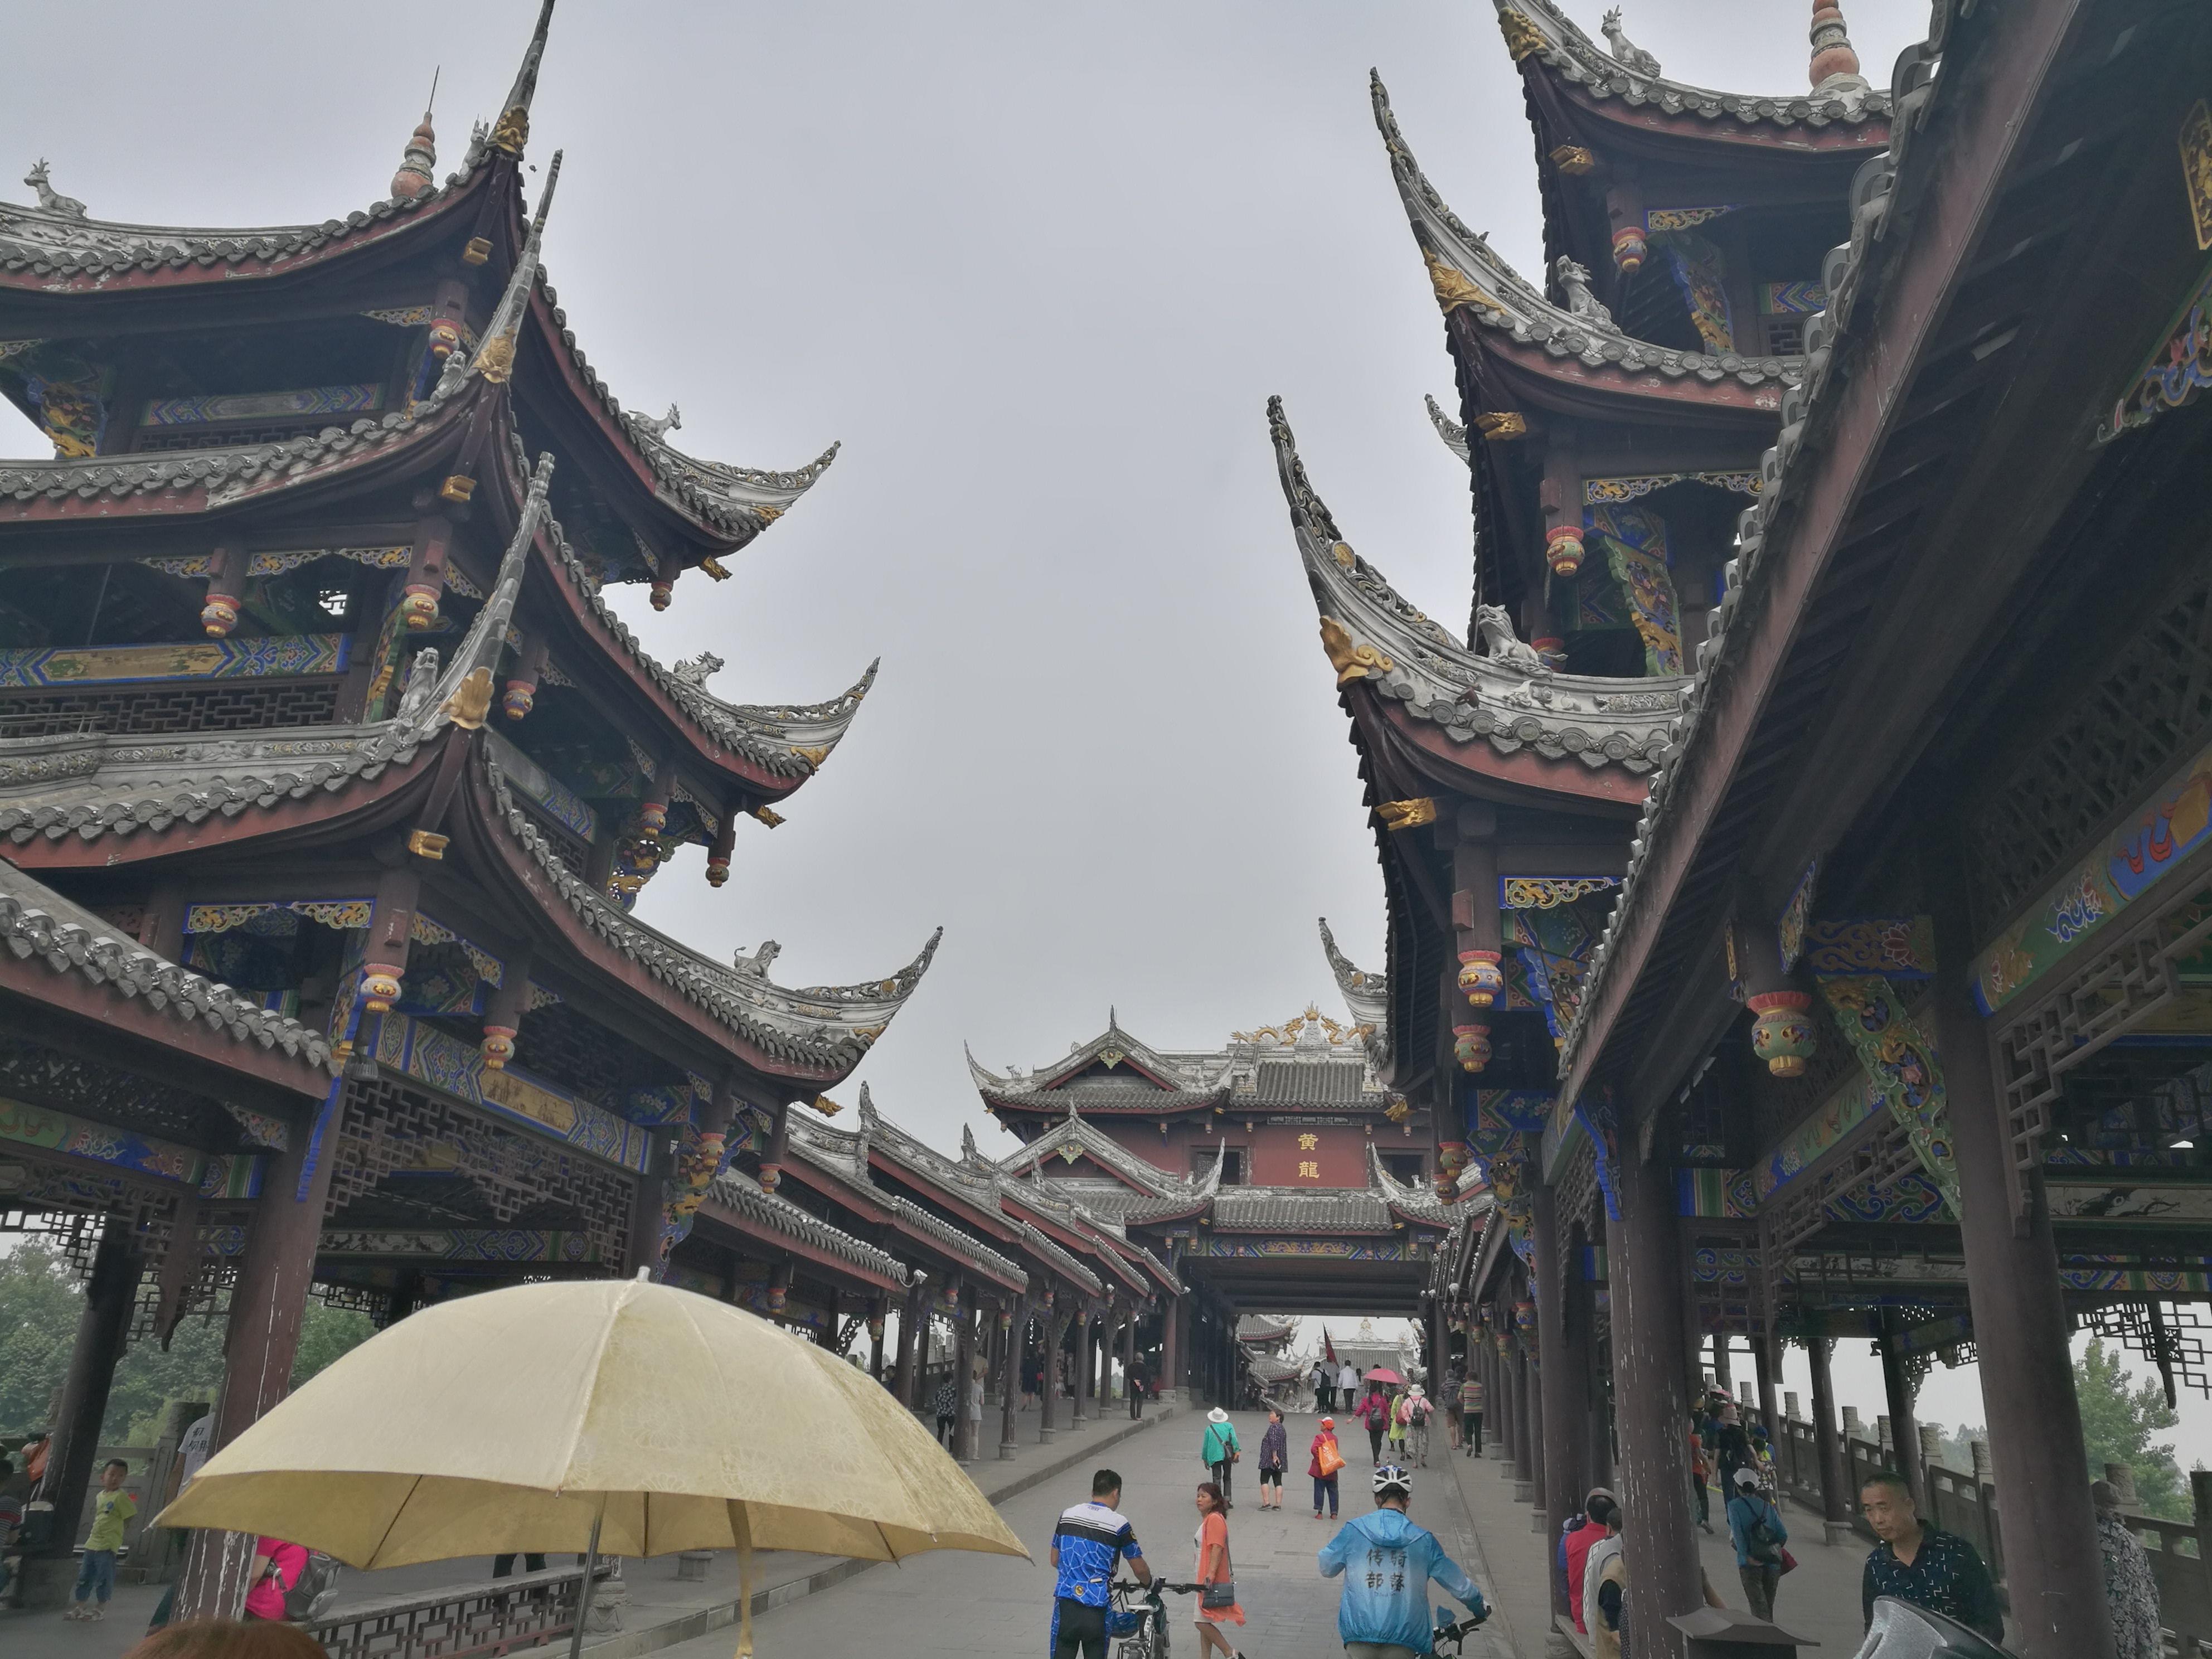 Street, Huanglongxi Ancient Town, Tianfu District of Chengdu, Sichuan, China3.jpg